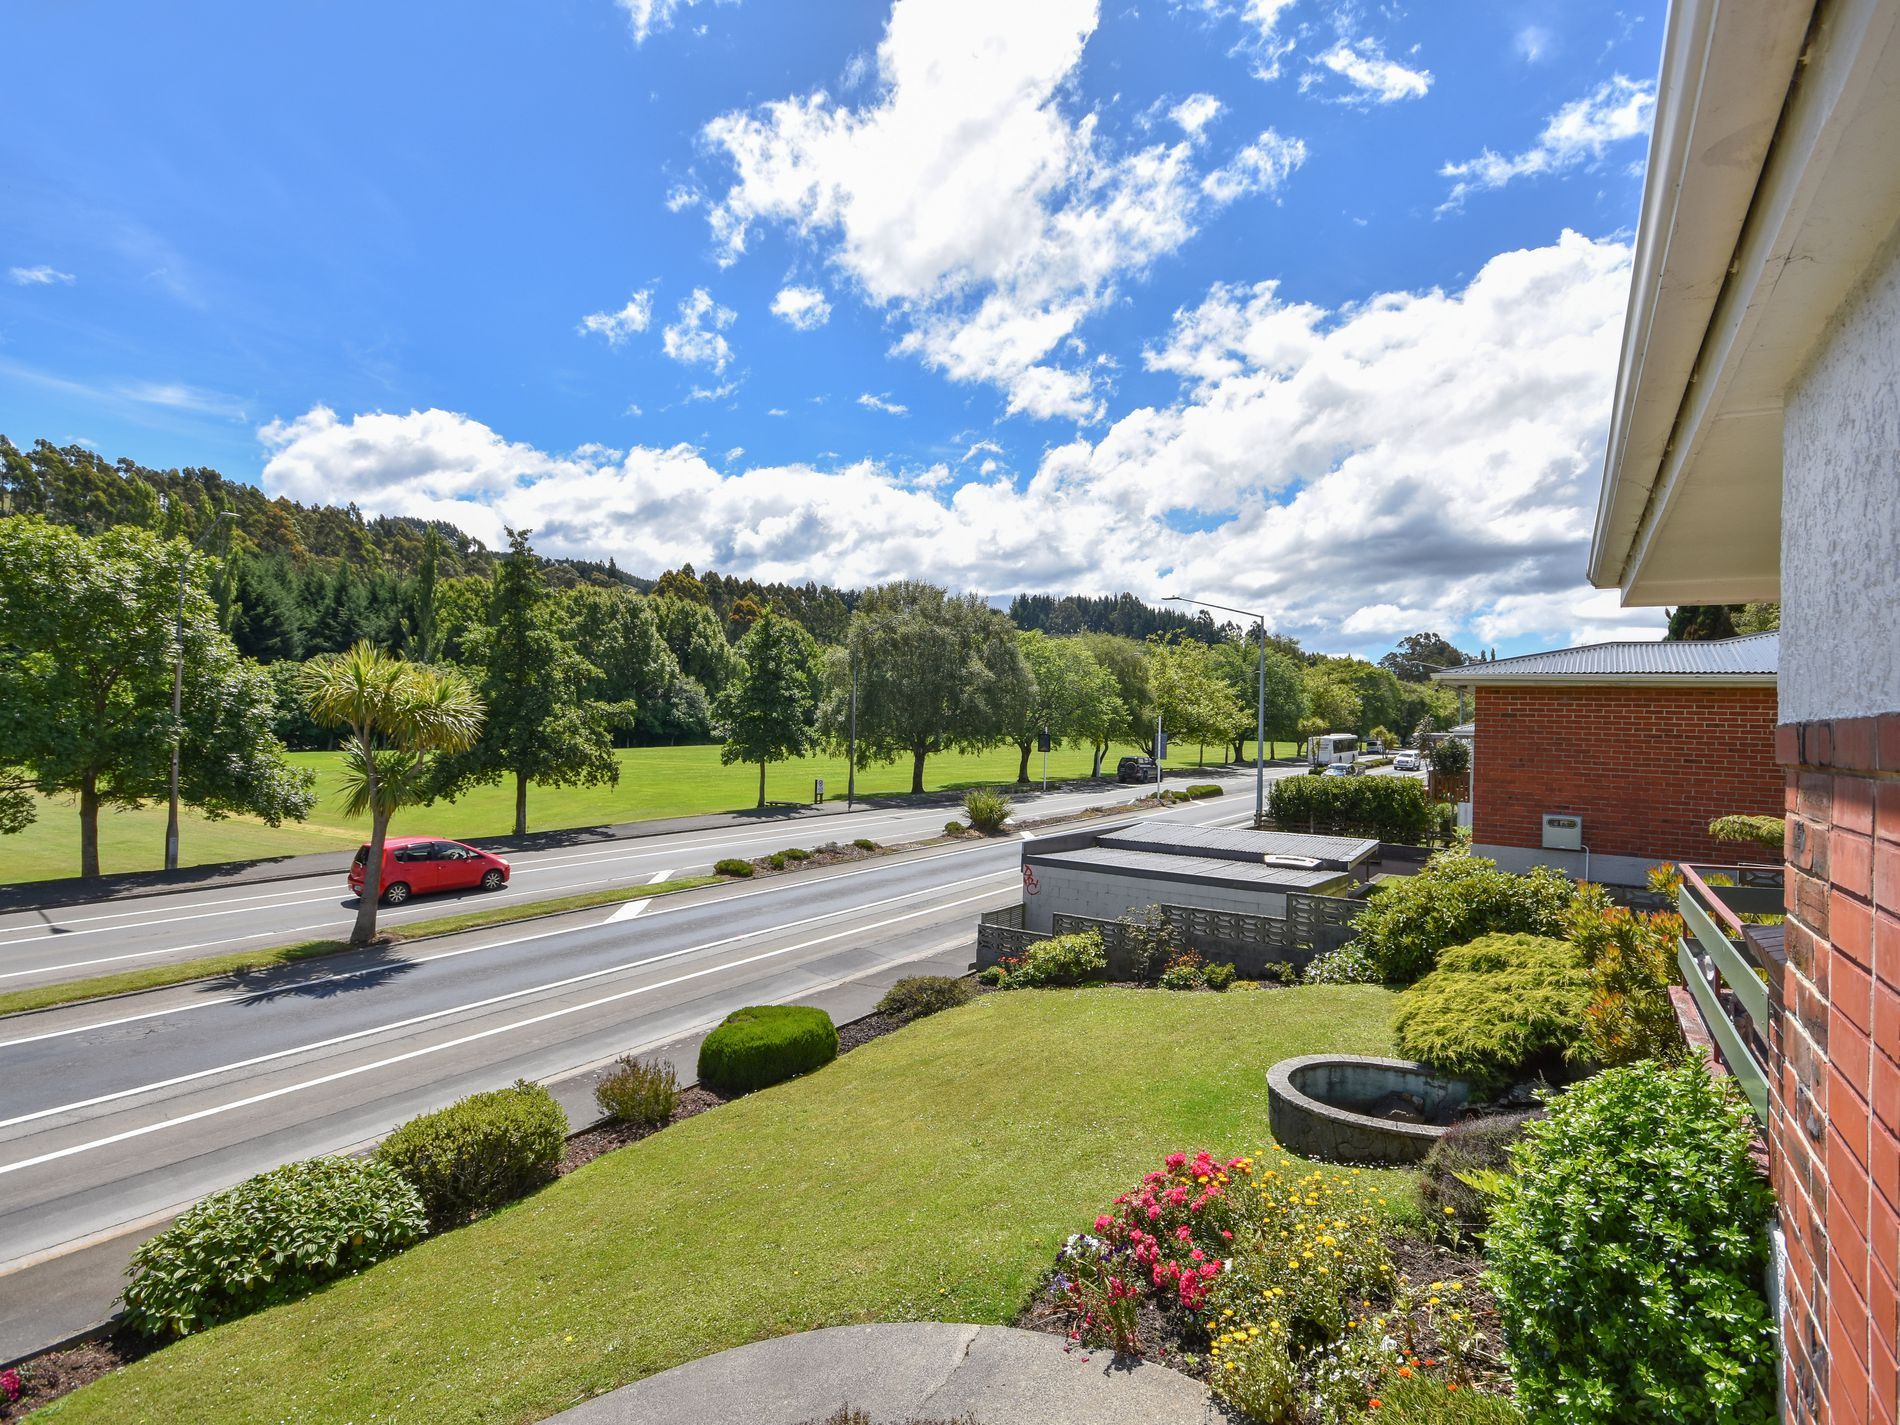 507 Kaikorai Valley Road, Bradford